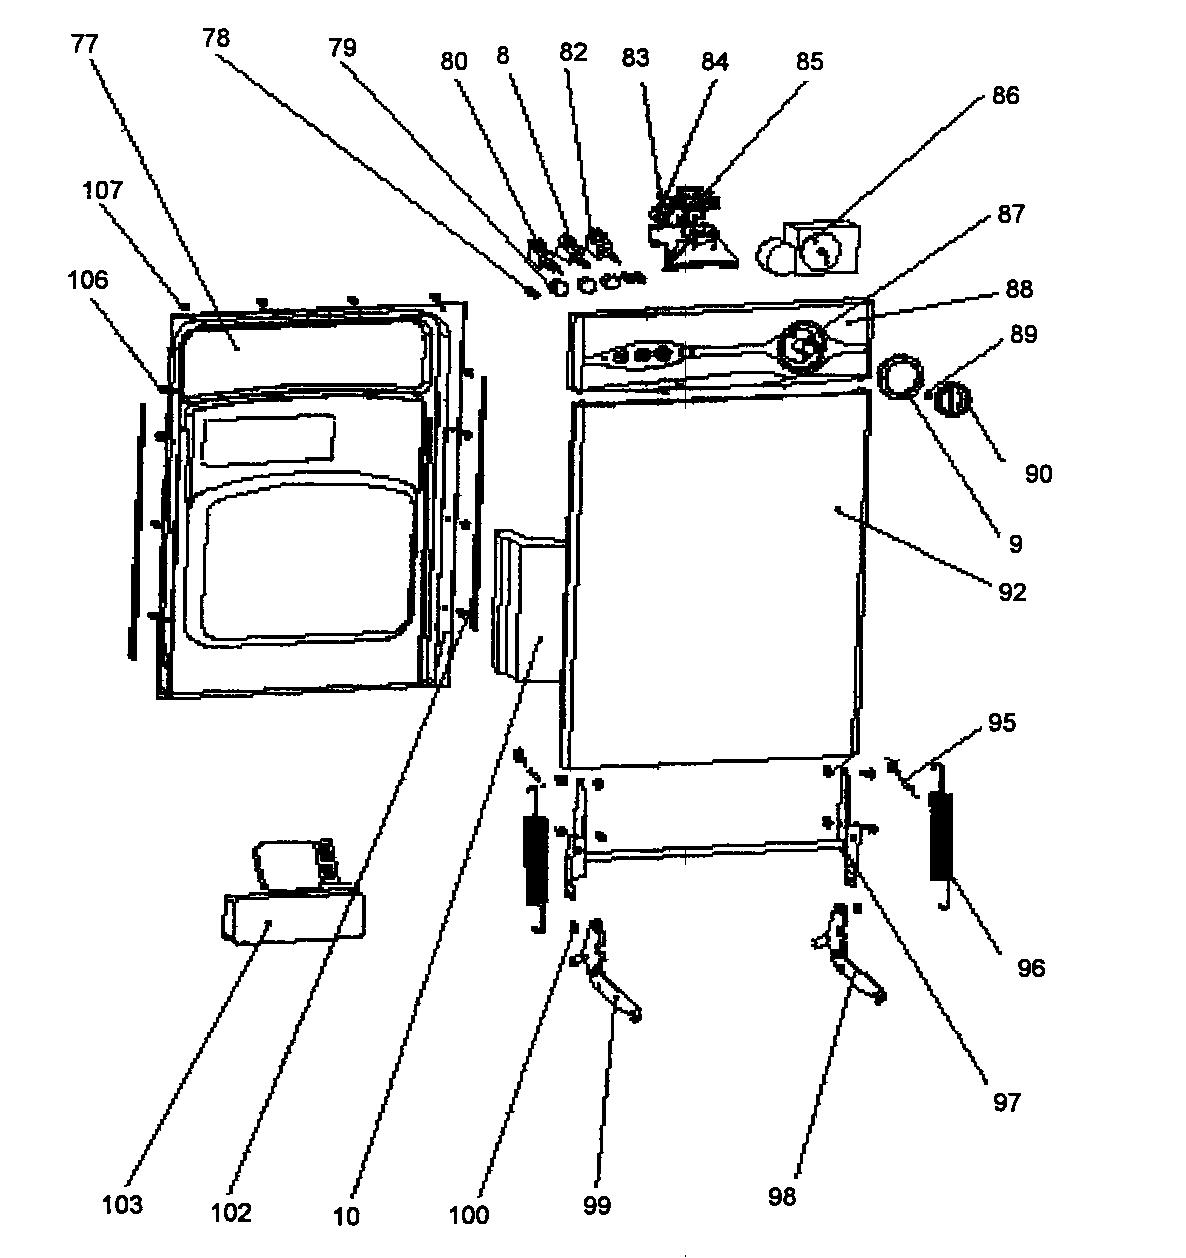 Danby Dishwasher Wiring Diagram Data Schema Maytag Parts Ddr45a3gdb Electrical Work U2022 Rh Aglabs Co